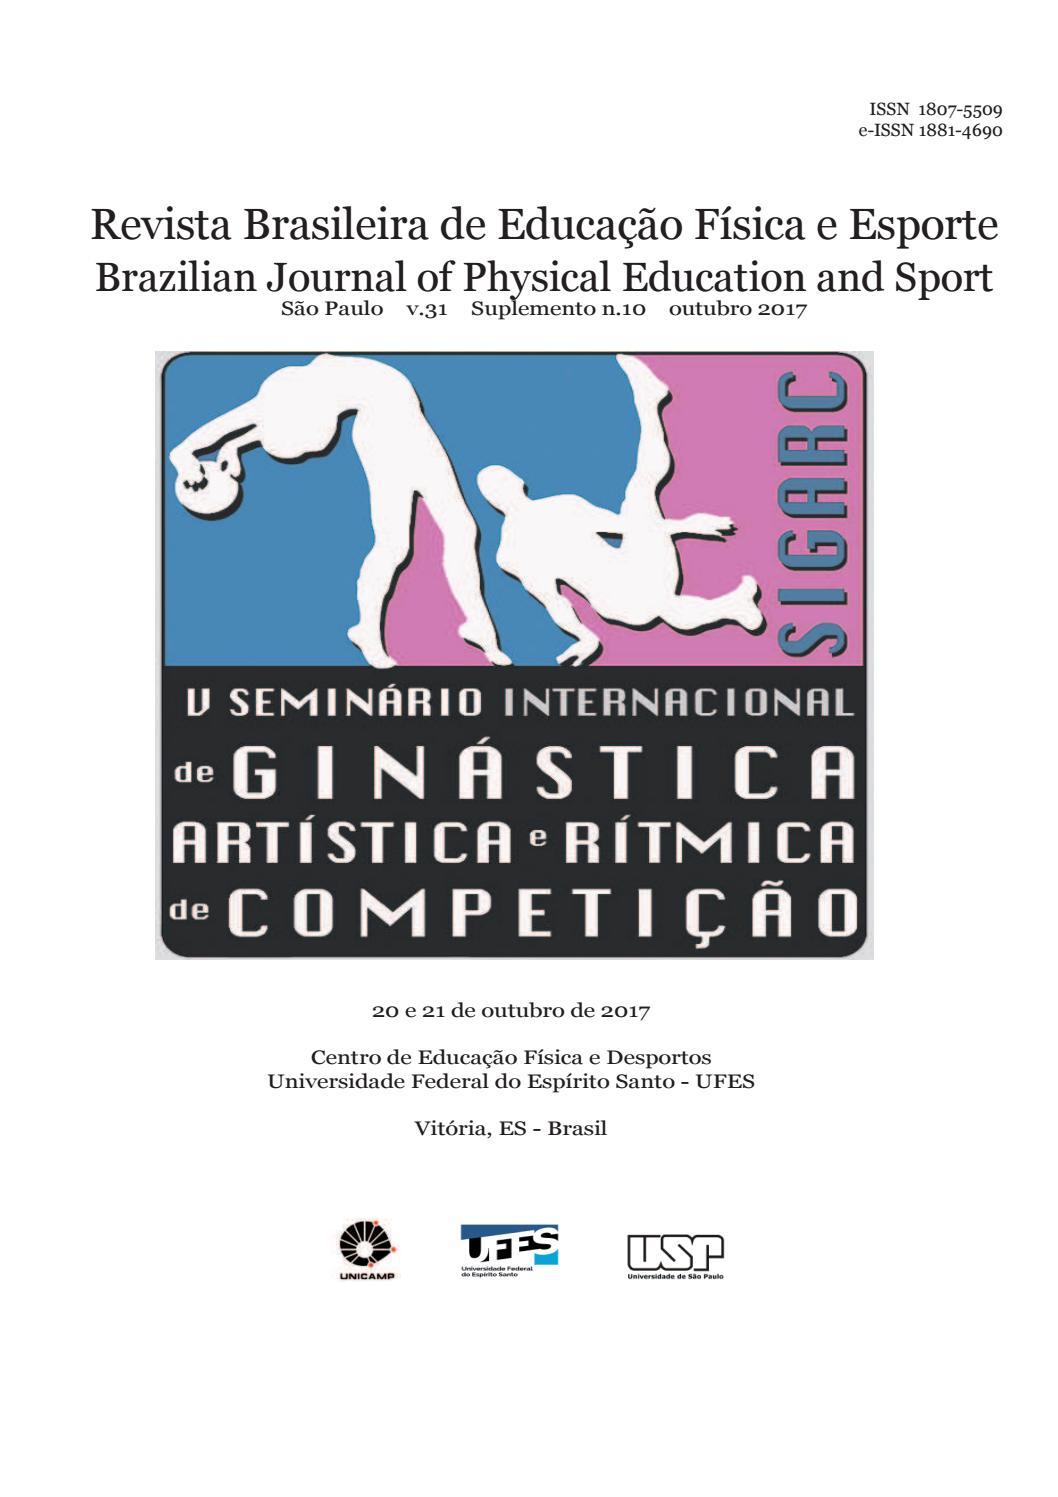 6619987bce V Seminário Internacional de Ginástica Artística e Rítmica de Competição -  SIGARC by Revista Brasileira de Educação Física e Esporte - issuu